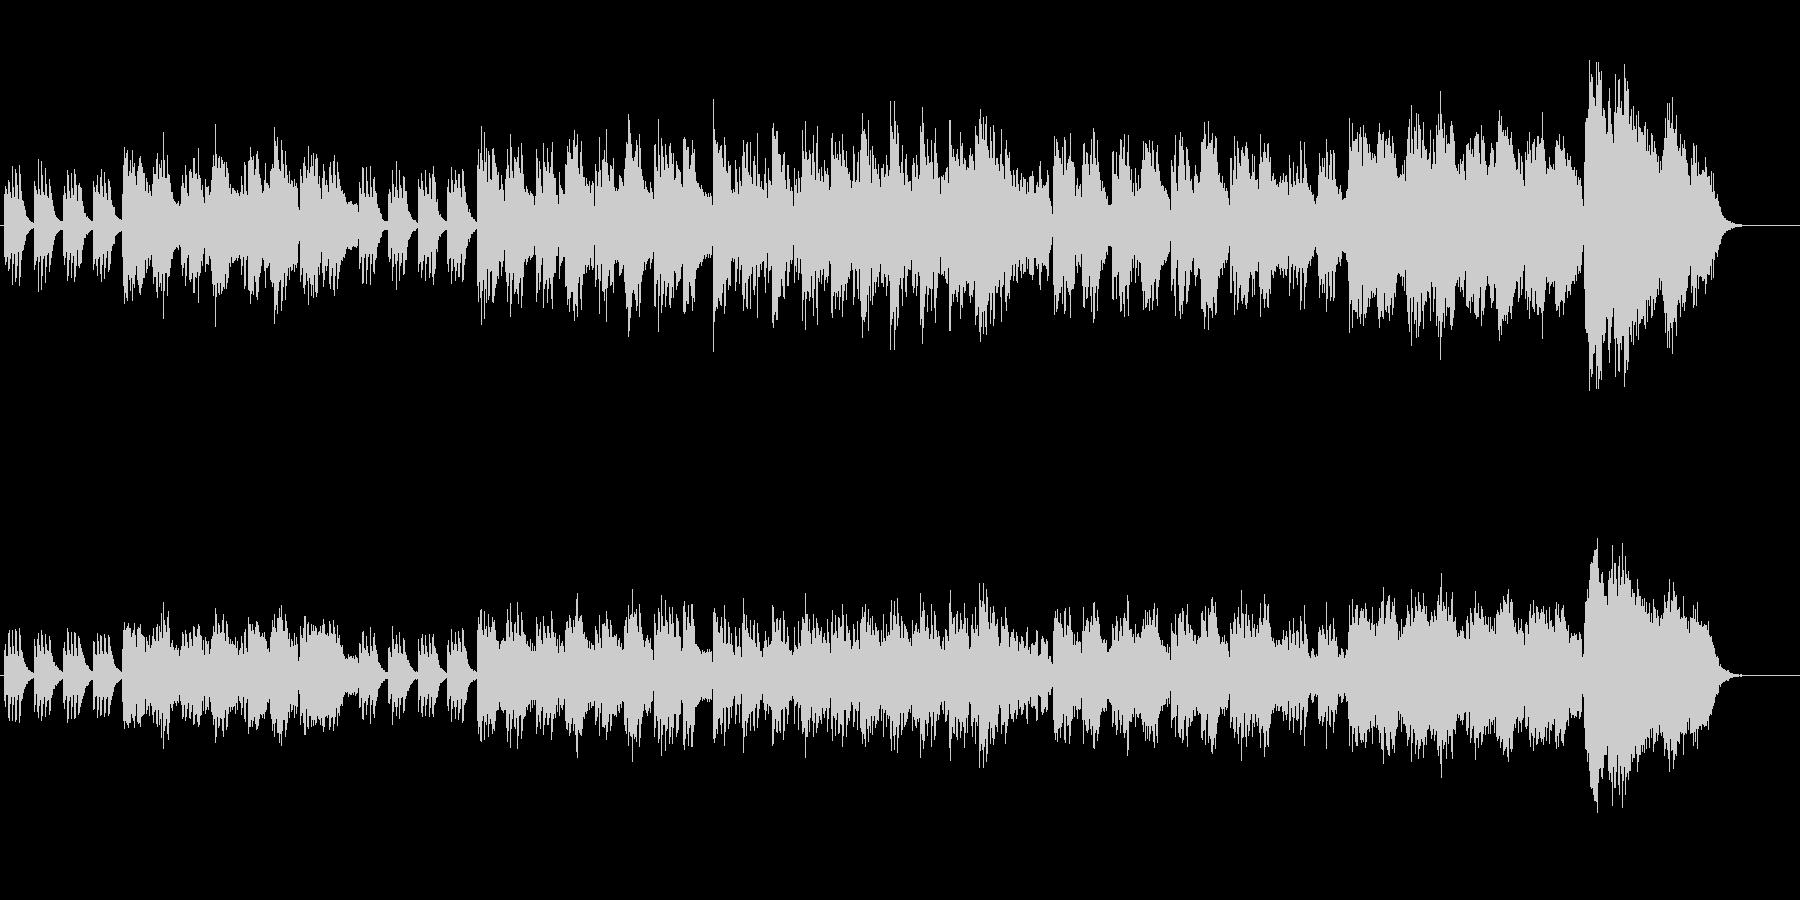 尺八風の音色で構築した邦楽サウンドの未再生の波形